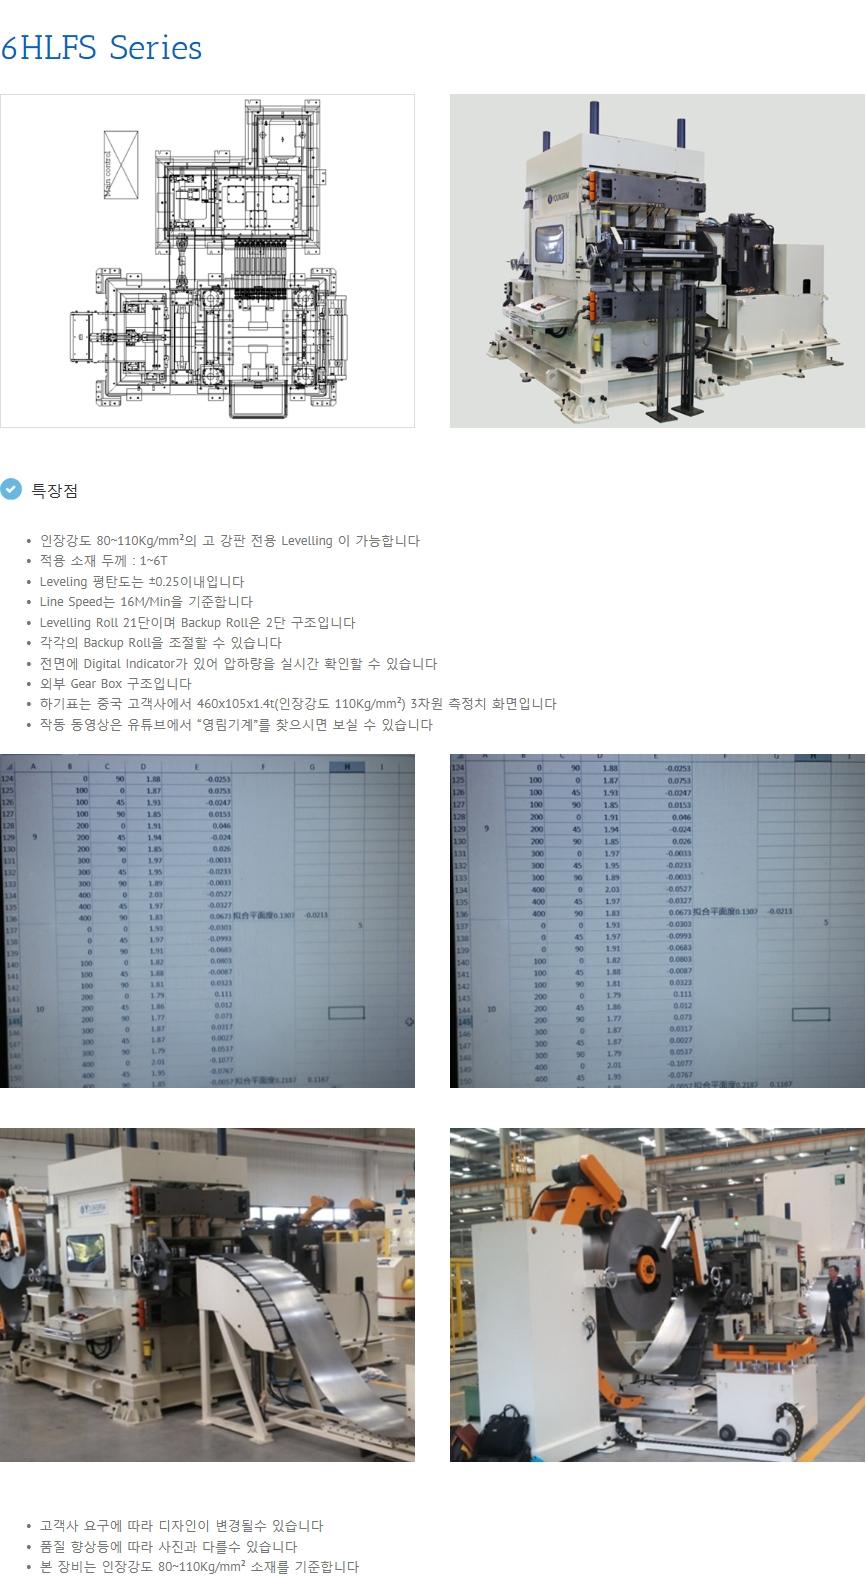 영림기계 Precision Leveller YPL/6 HLFS-Series 1